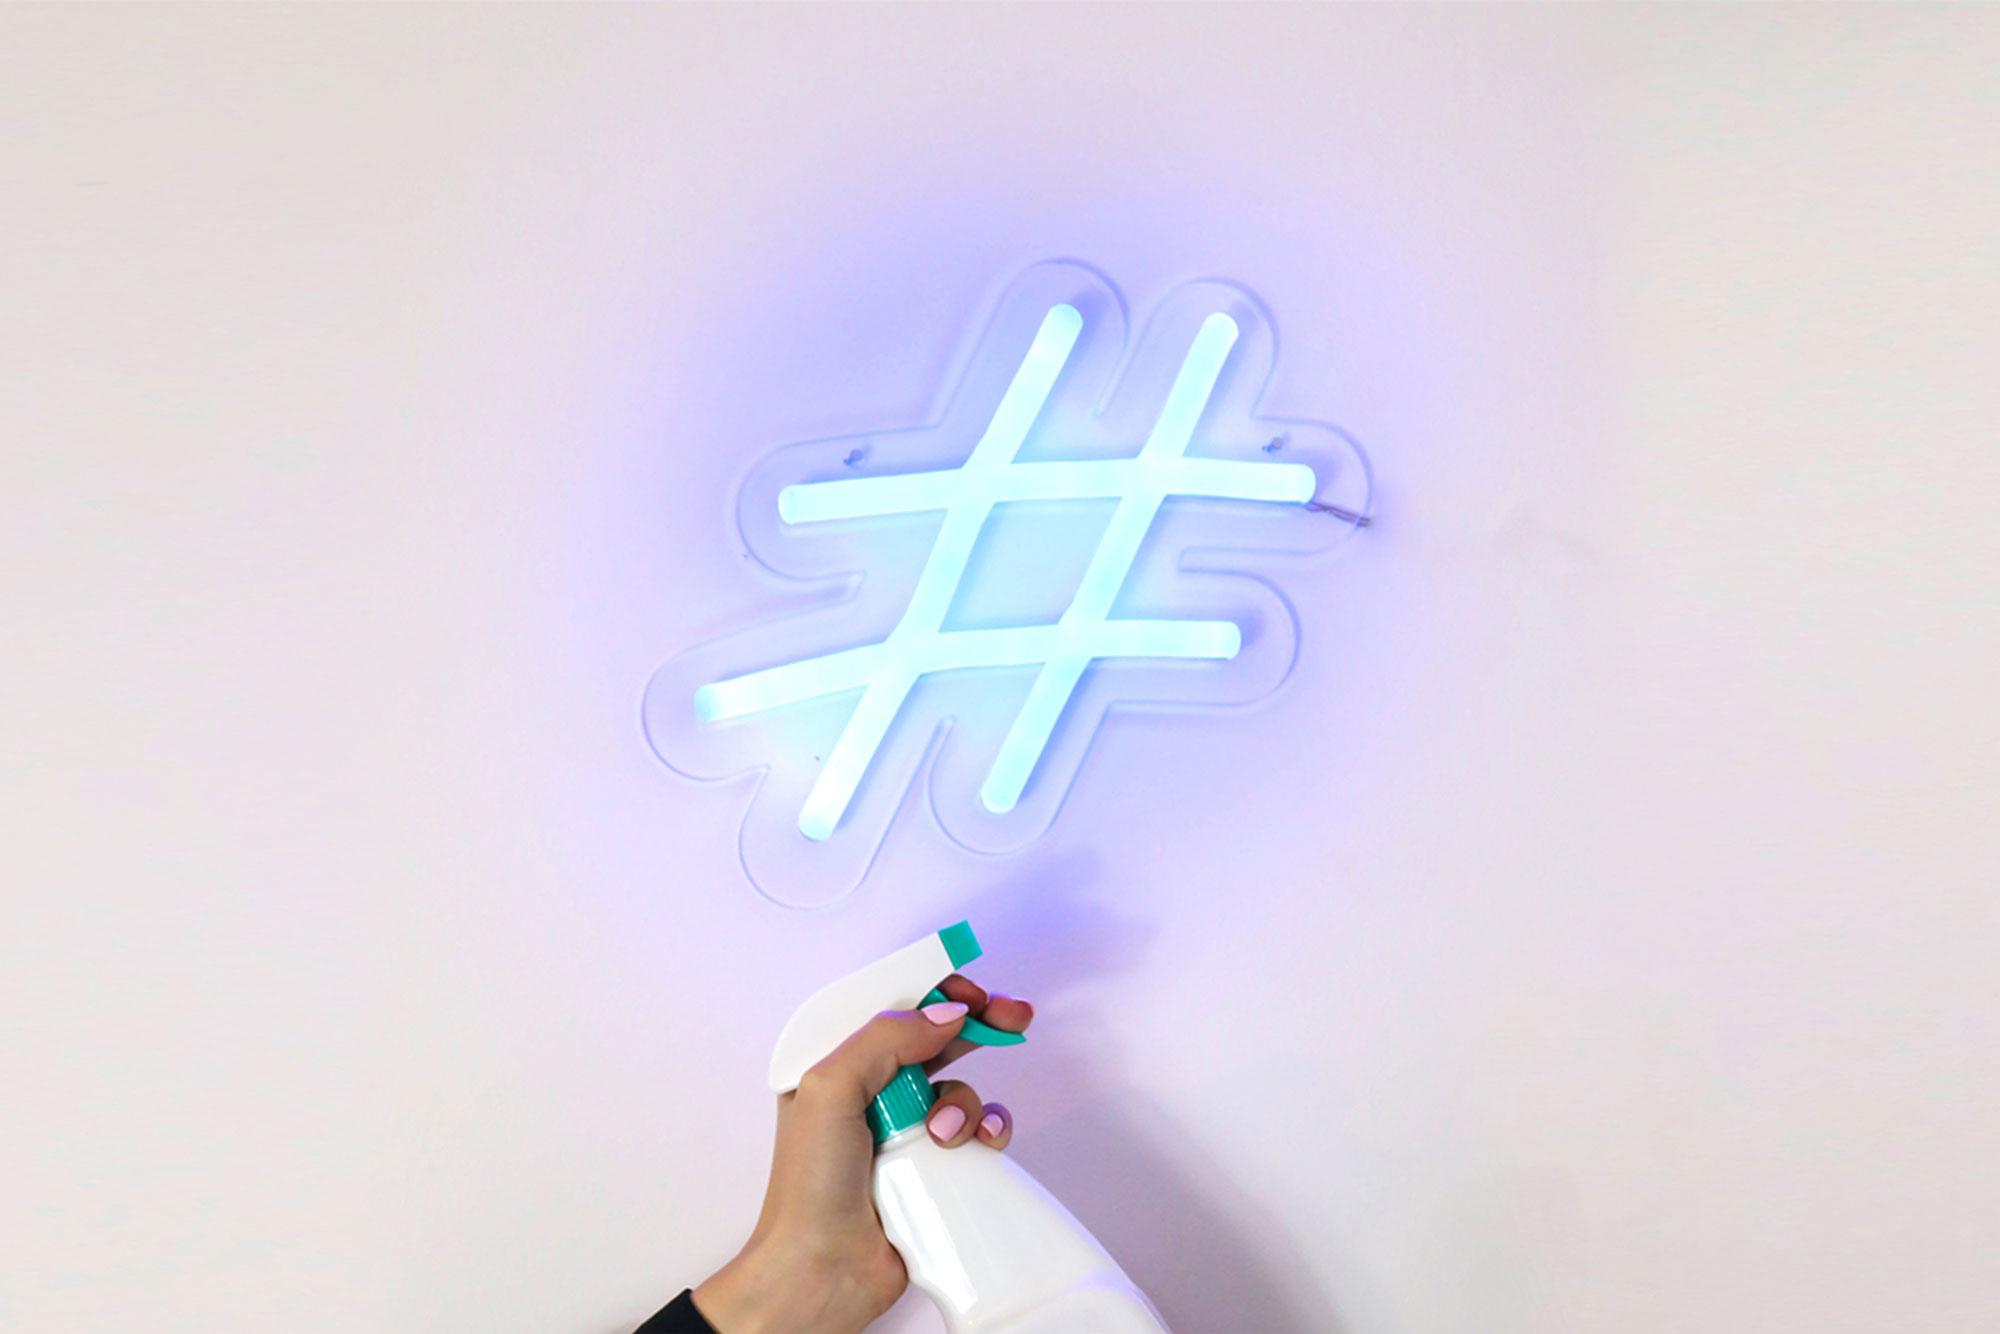 Overbrug de 1,5 meter afstand met een hashtag